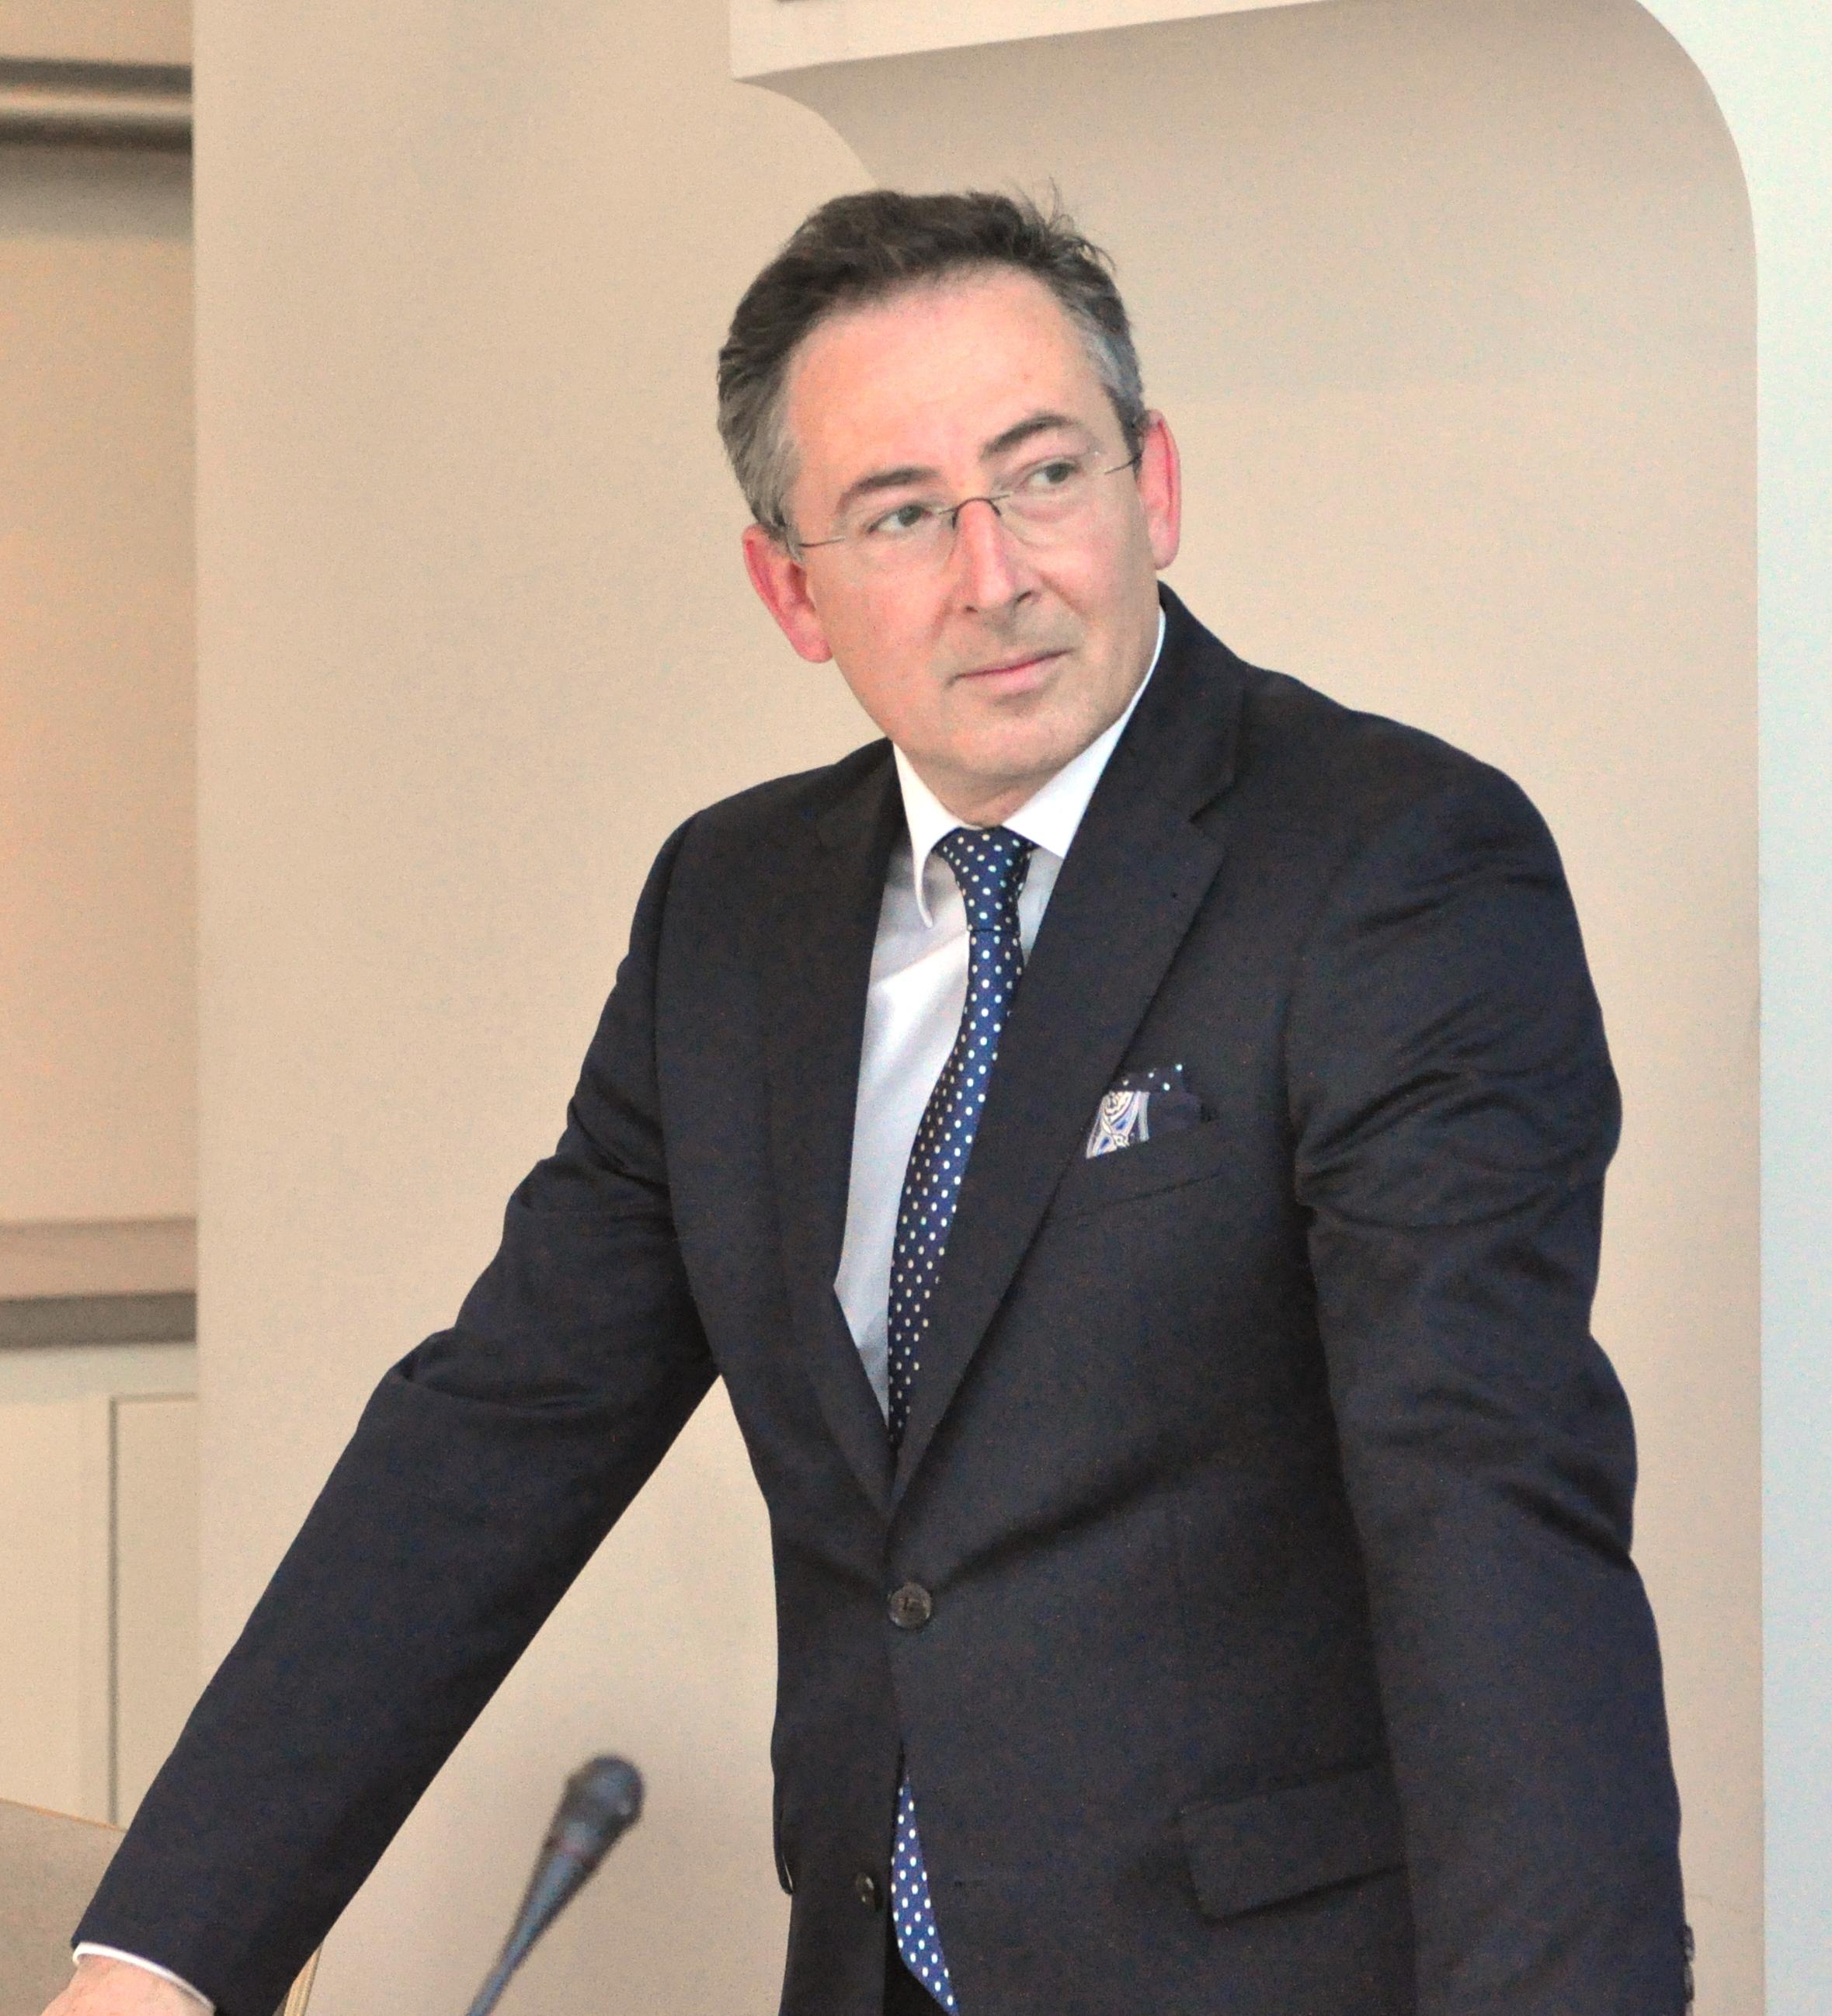 Bartłomiej Sienkiewicz (swego czasu) minister teoretycznego państwa z dużymi możliwościami praktycznymi